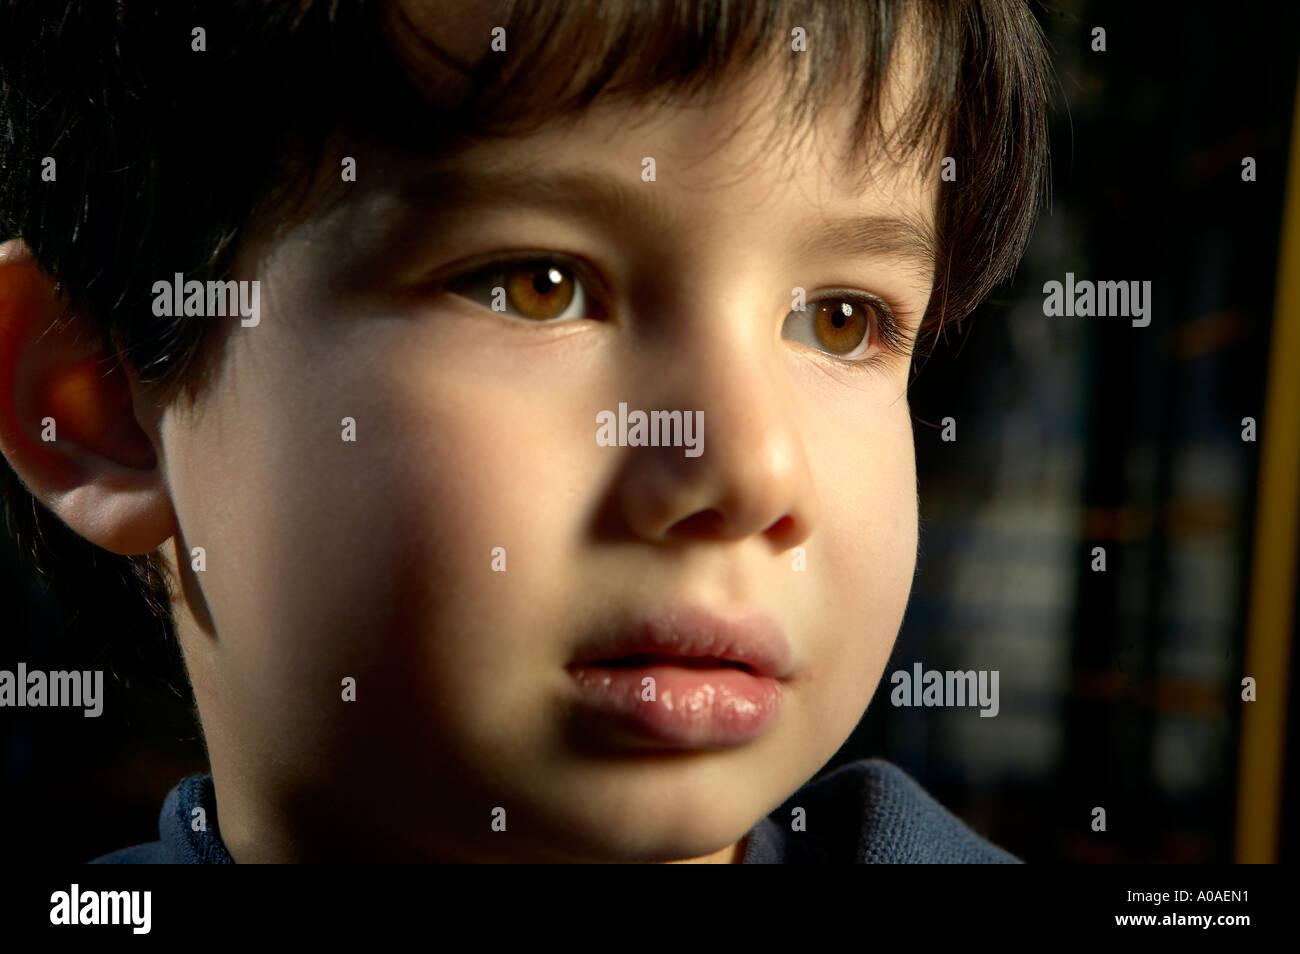 Un drammatico ritratto di un preschooler di etnia miste di giapponese e caucasico. Foto Stock